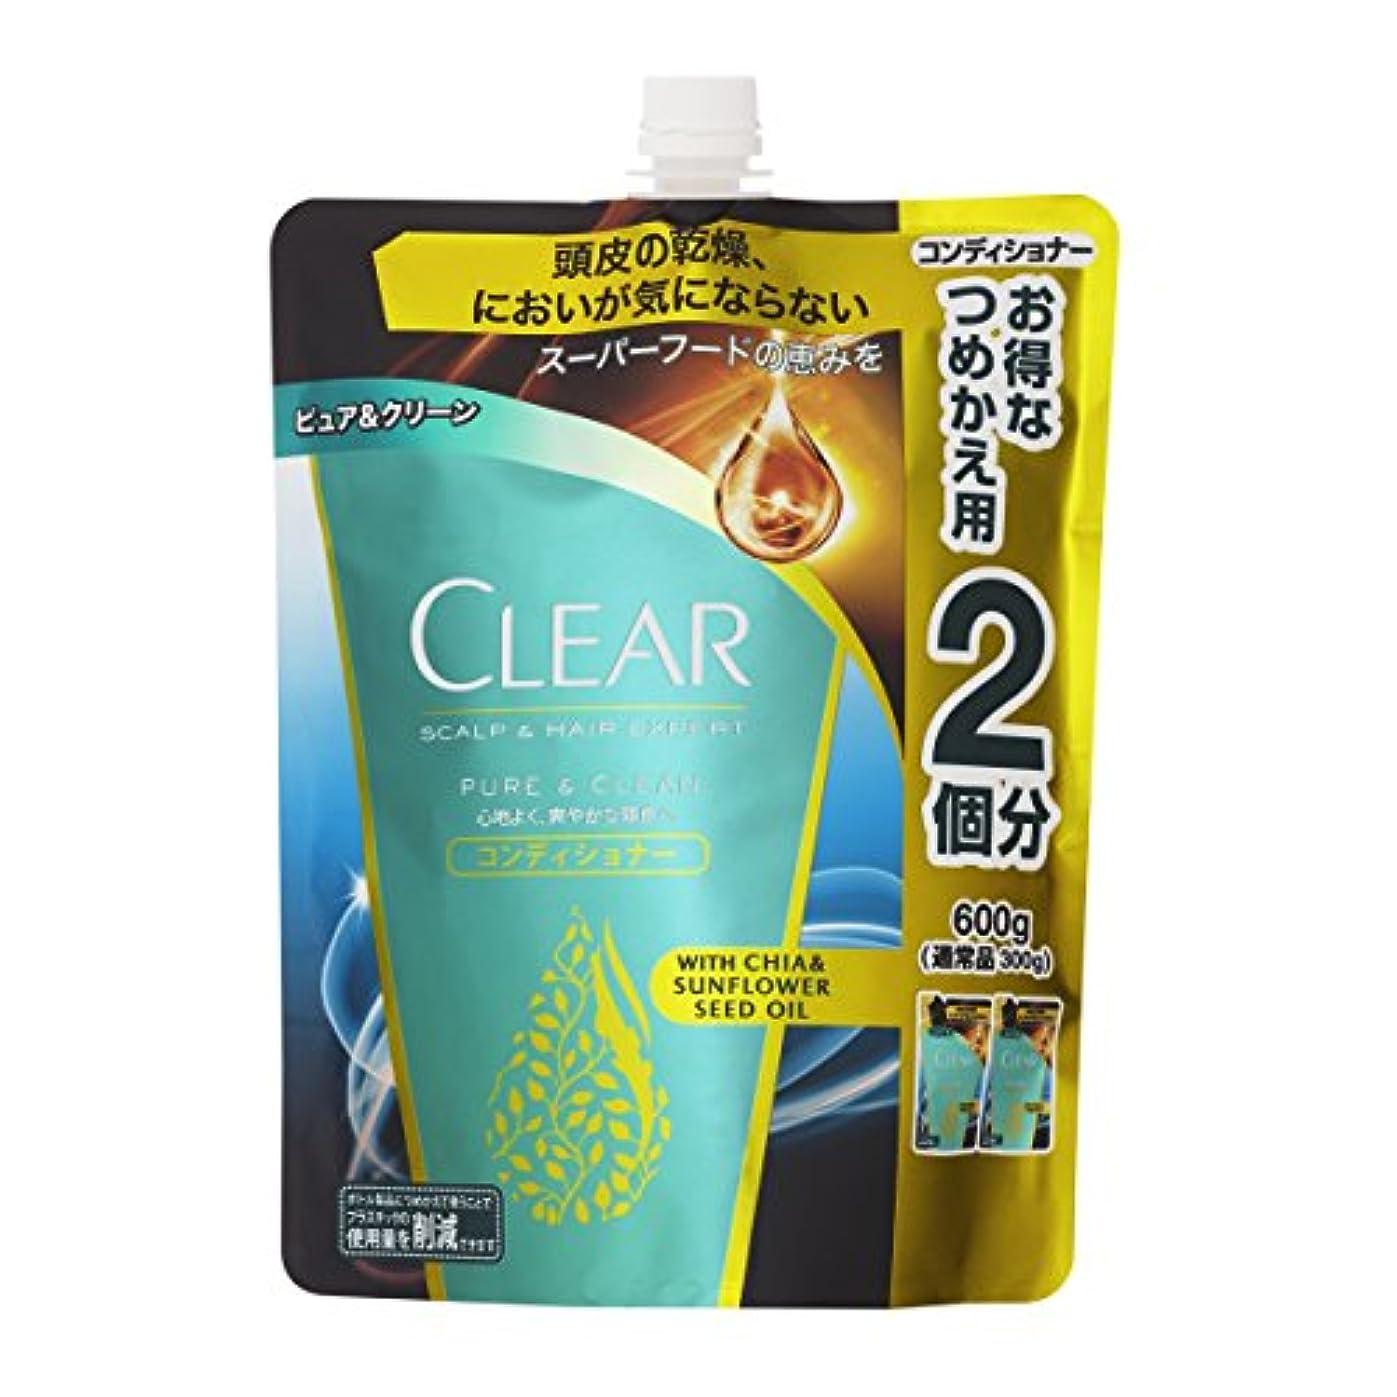 クリア ピュア&クリーン コンディショナー つめかえ用 (心地よく、爽やかな頭皮へ) 600g